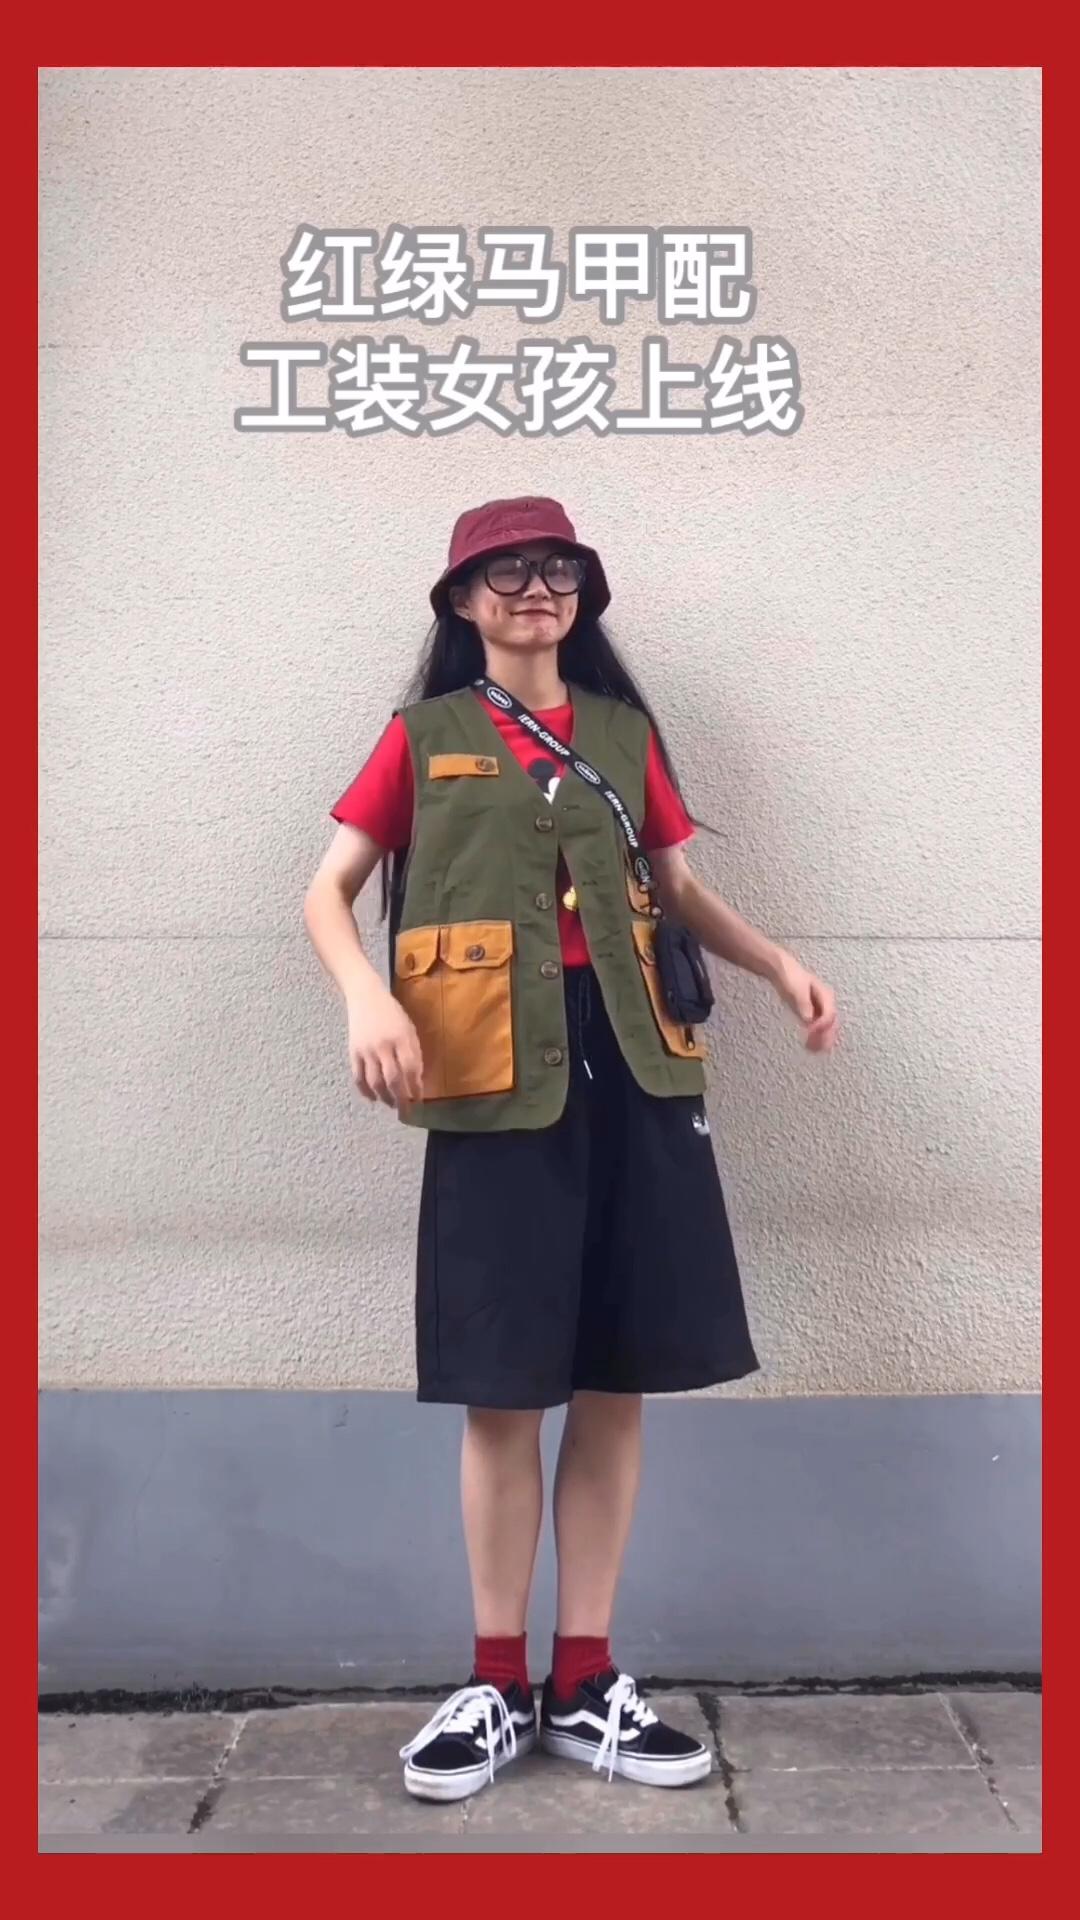 身高160 体重45 南方 这次搭配选择了红色系短袖搭配短裤,以秋日为主的风格来,全身有同色系的服饰和配饰,搭配起来快速完整。而且宽松短裤很显瘦高,小矮个的我穿起来腿长一米二了。 分享小个子穿搭,学习穿搭可以关注我哦!#夏装最后一波,我带你盘!#